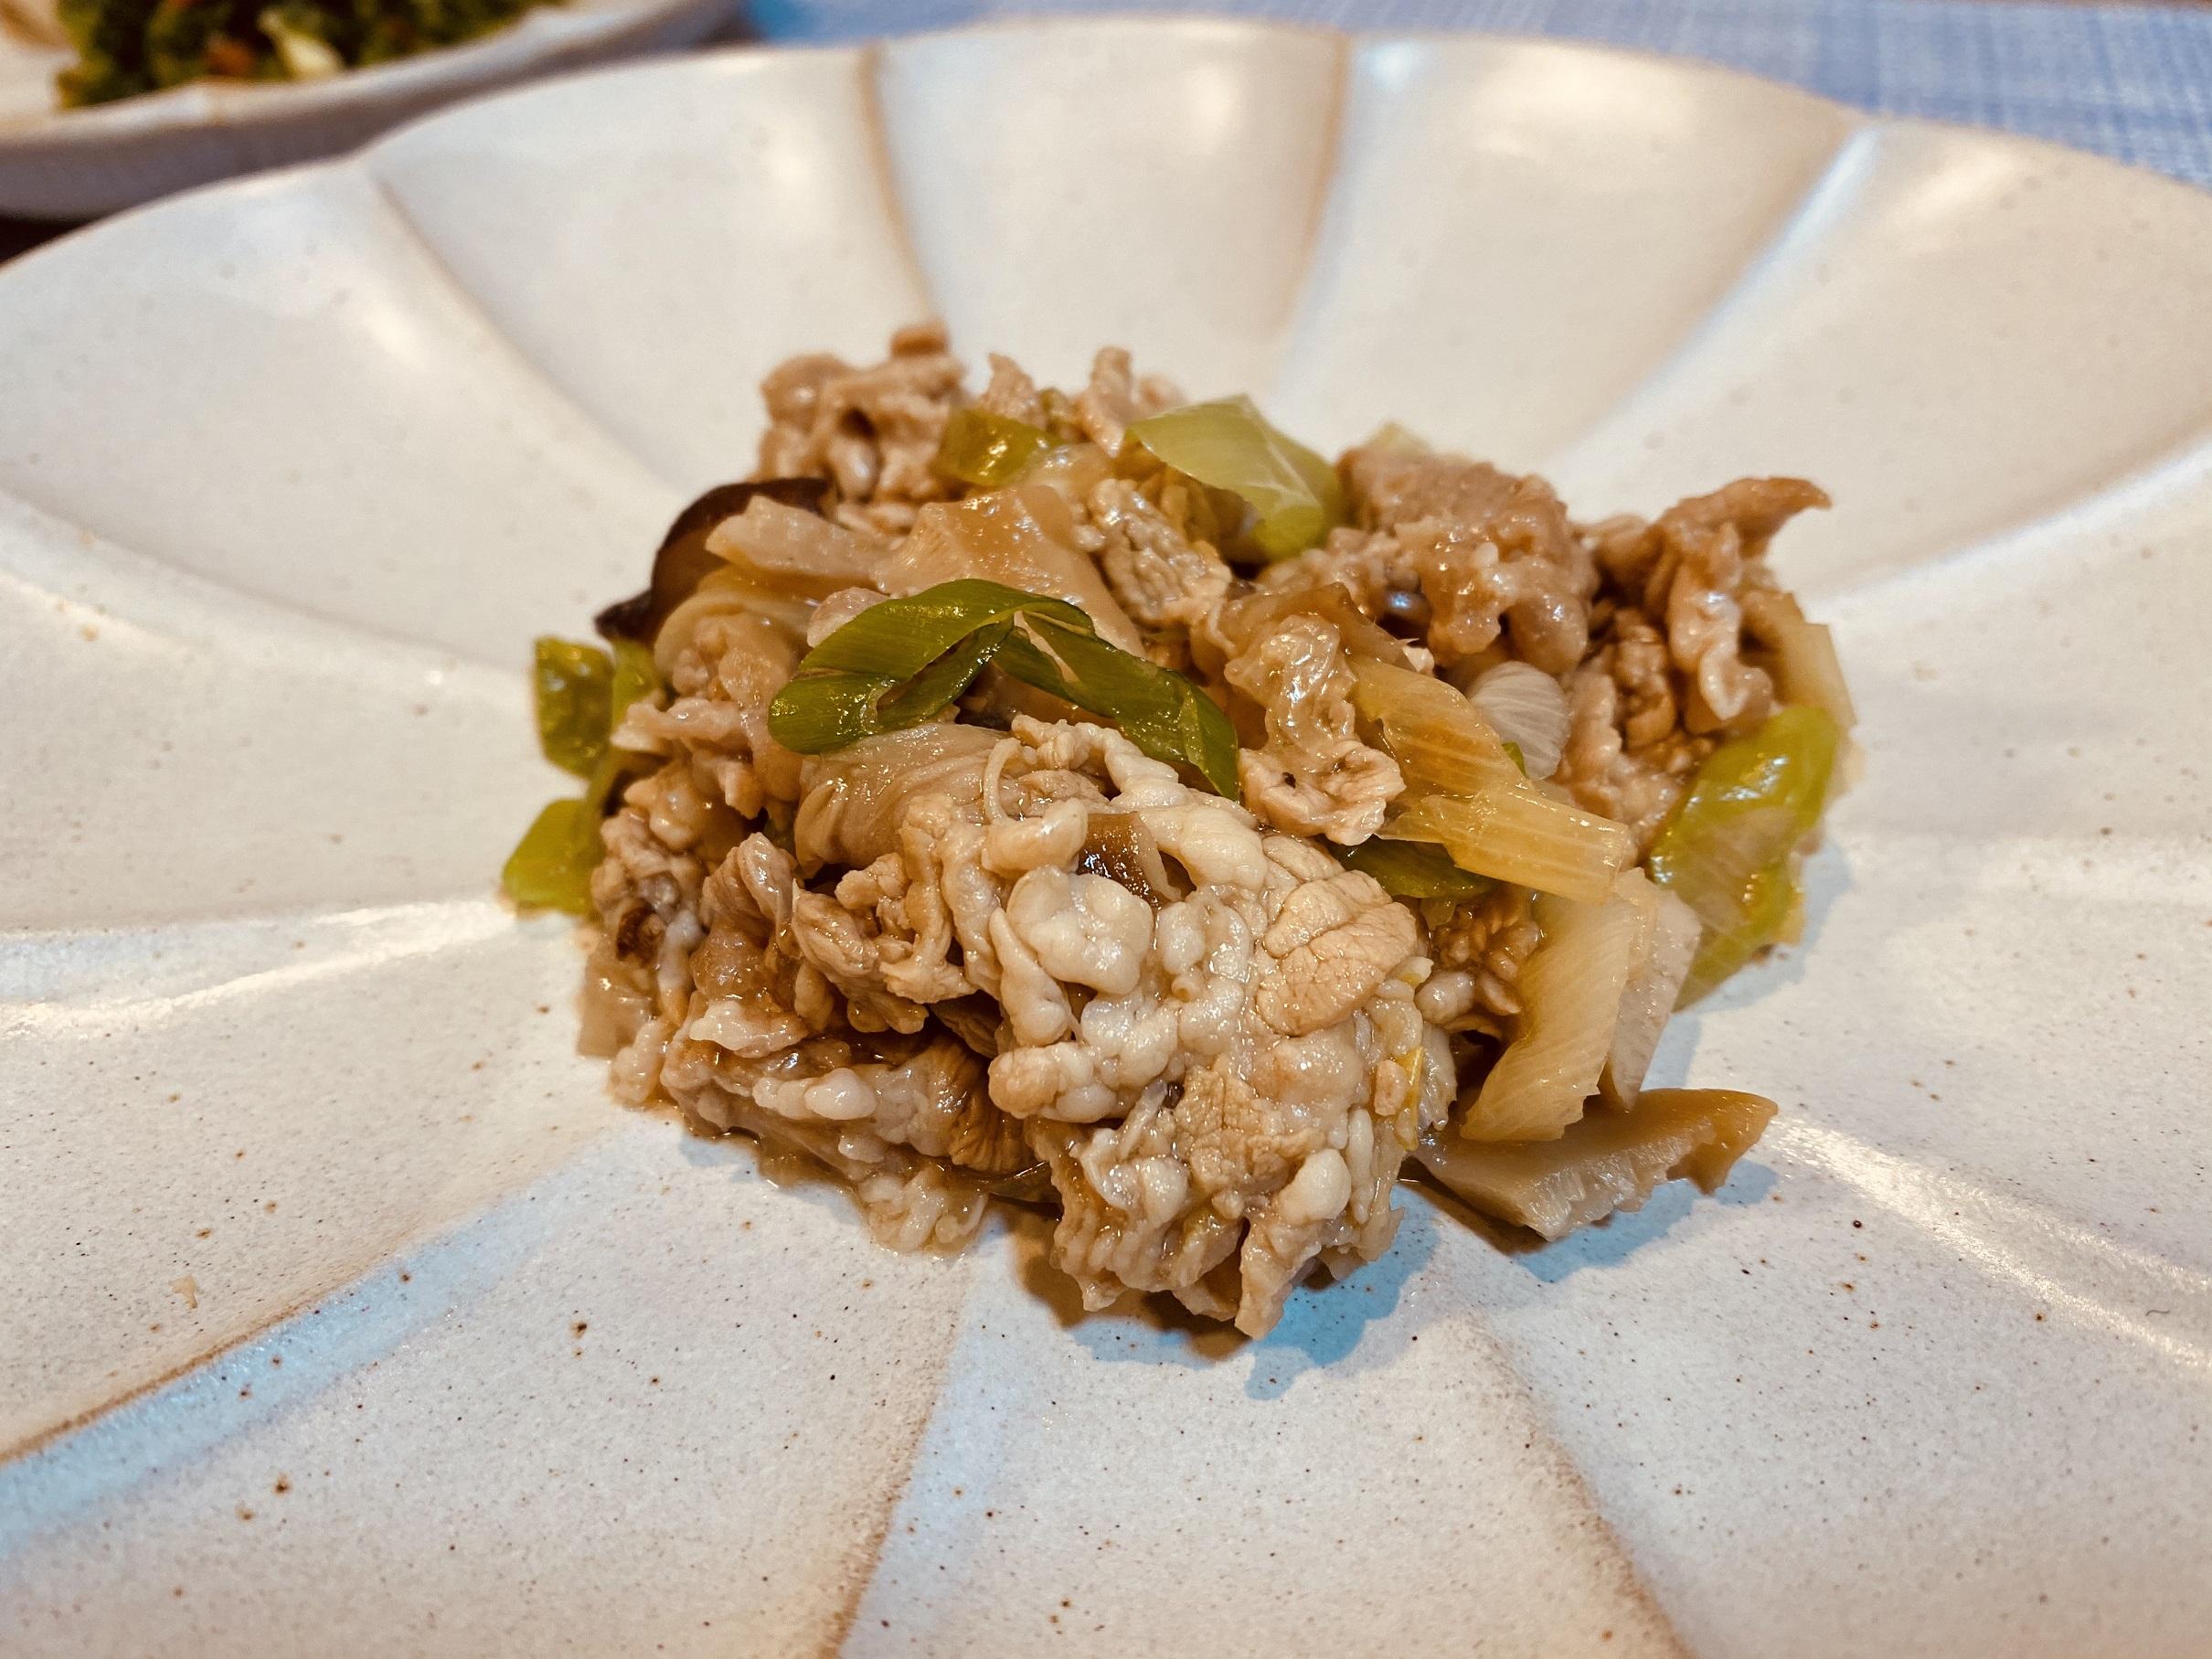 (メニューの一例)鶏肉と里芋の煮物、菜の花と油揚げの和え物